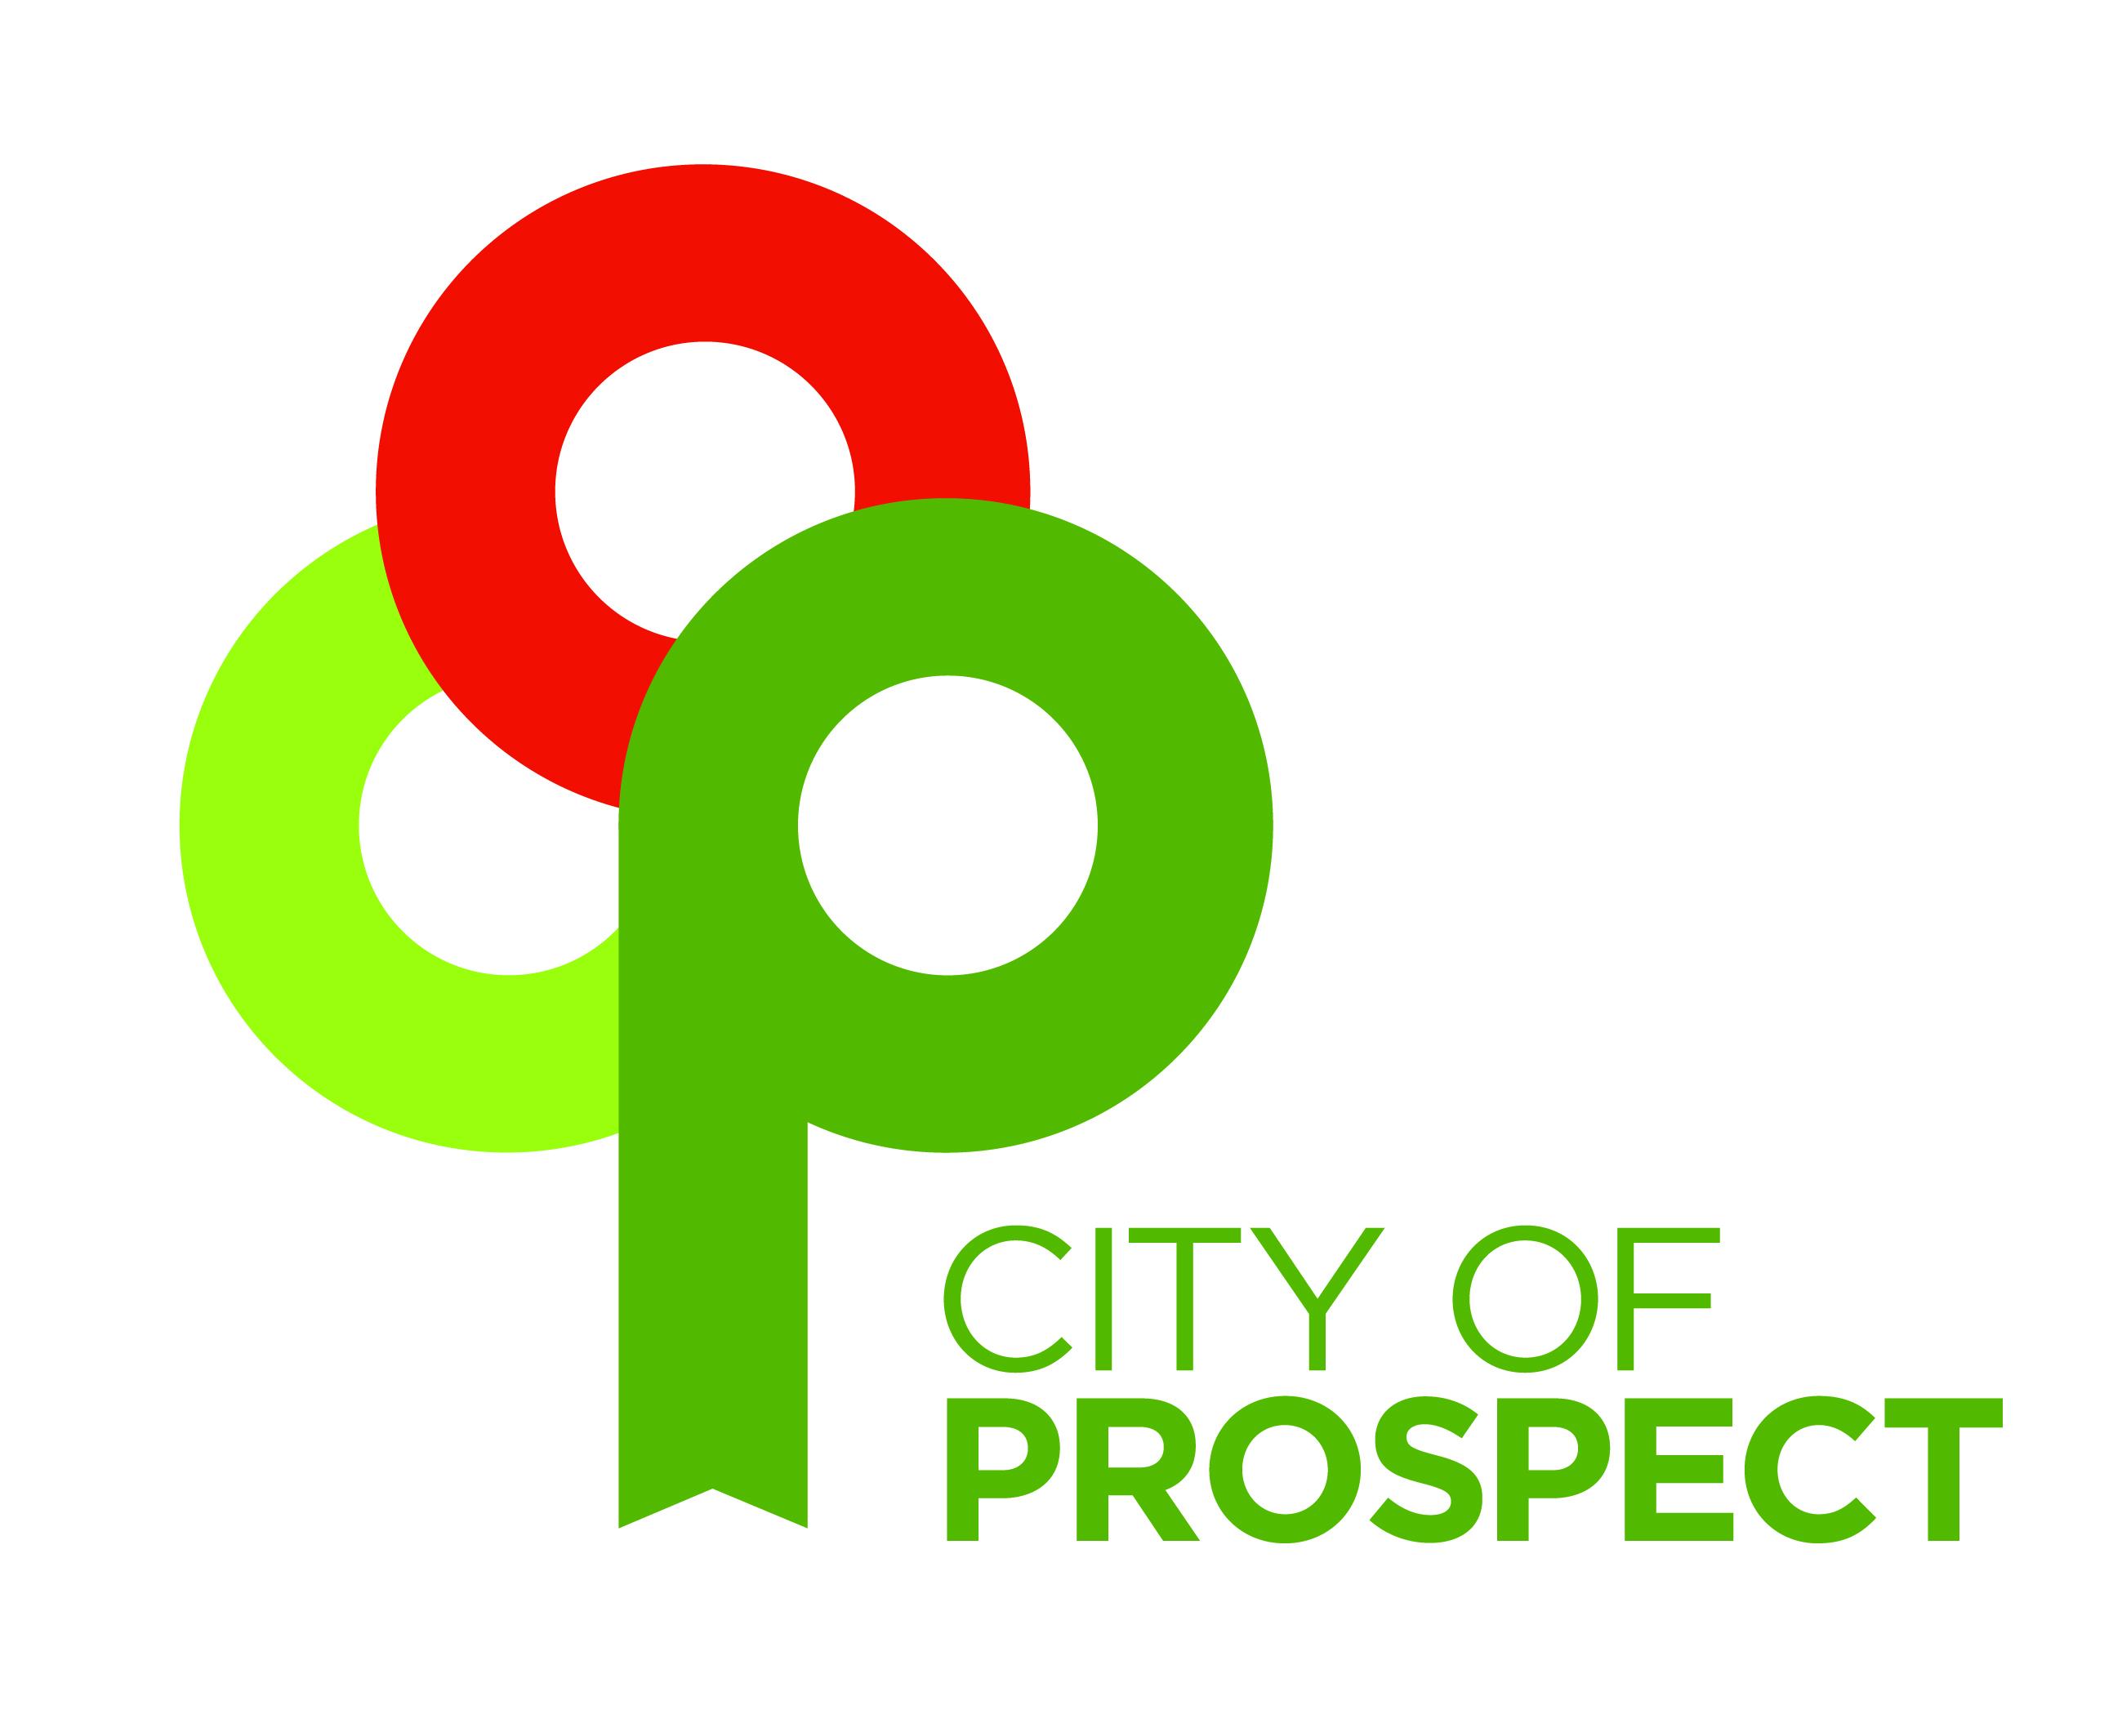 city-of-prospect